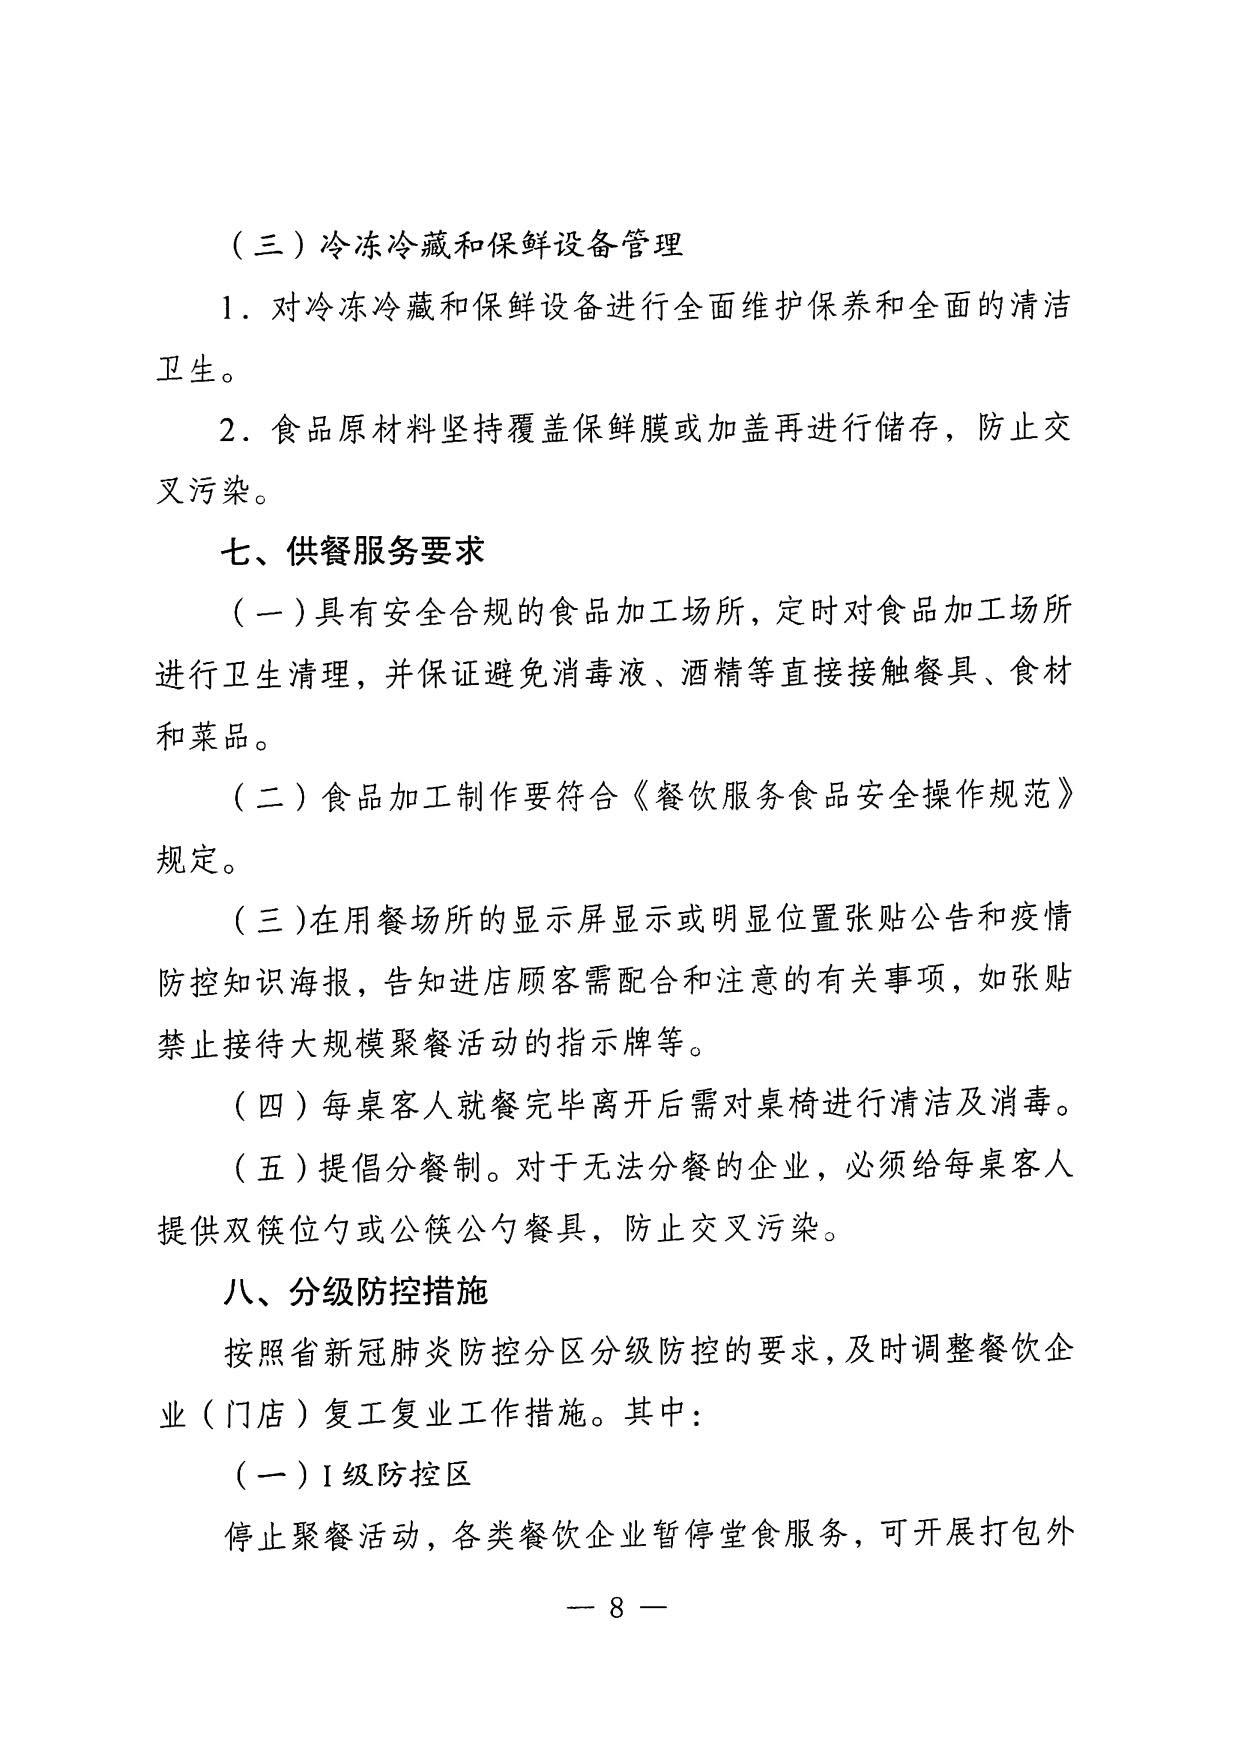 关于疫情防控期间餐饮经营单位恢复堂食服务的通告(第5号)_08.jpg